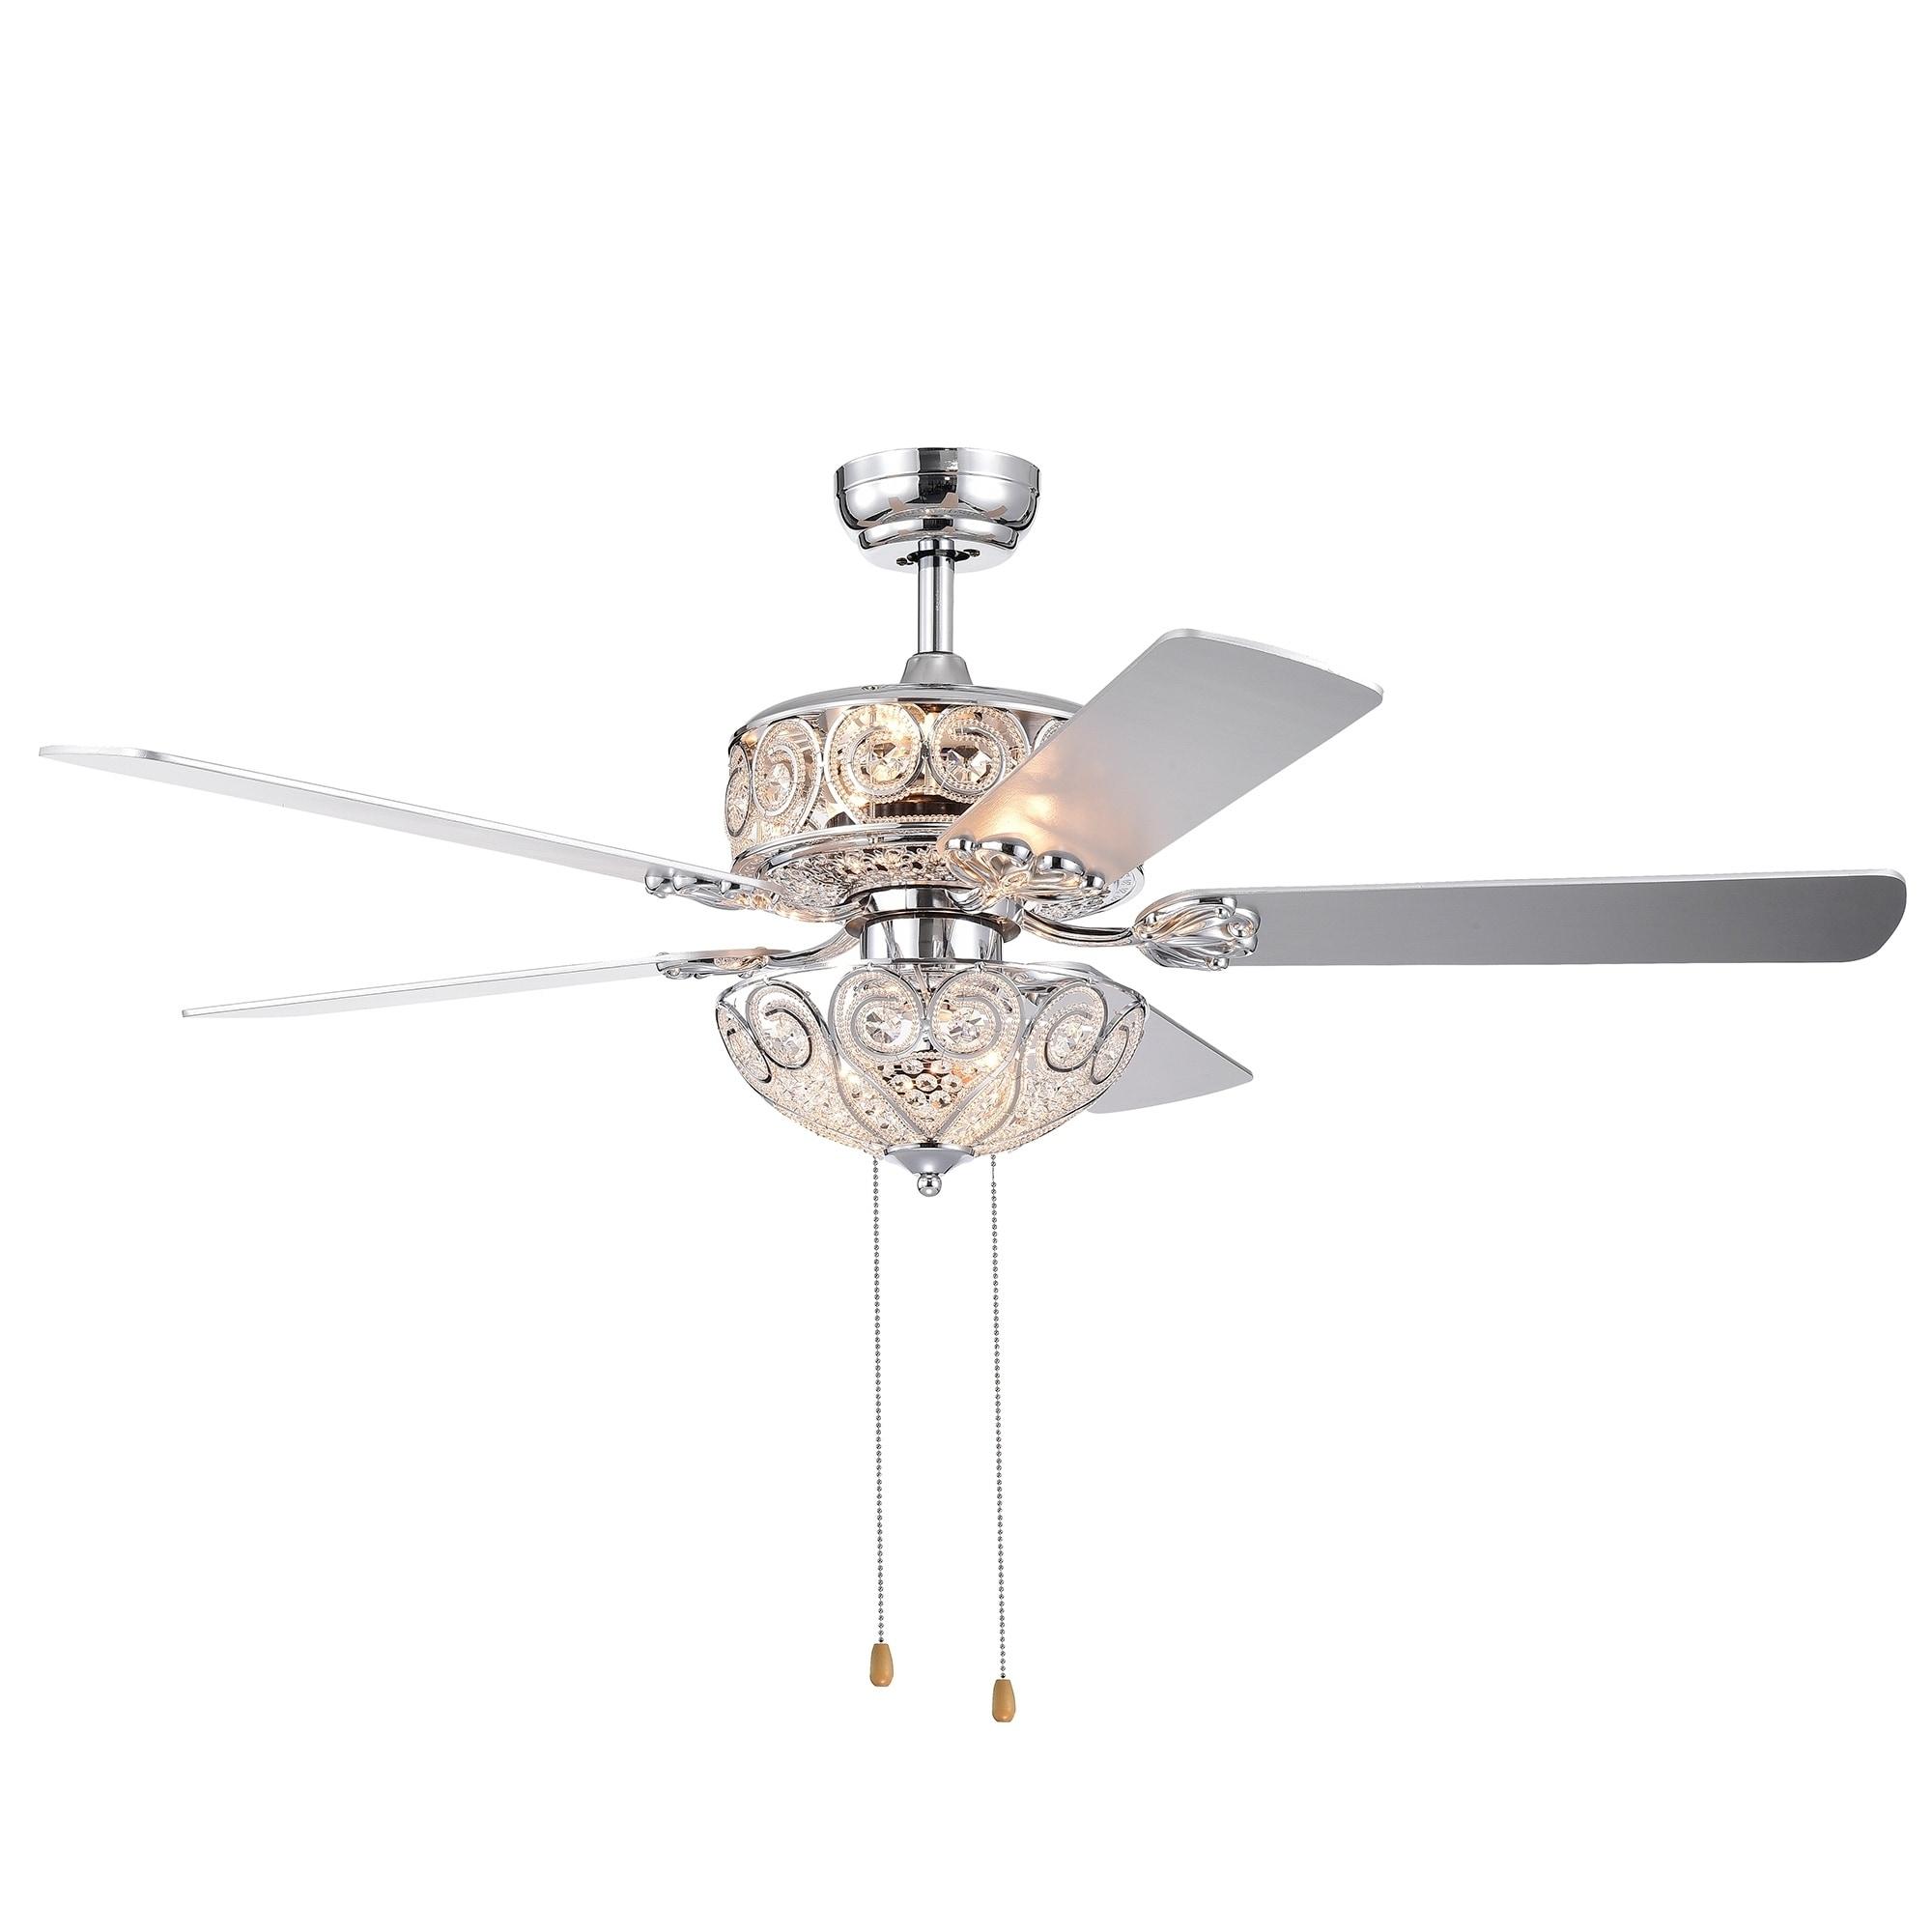 5 Blade 52 Inch Crystal Ceiling Fan